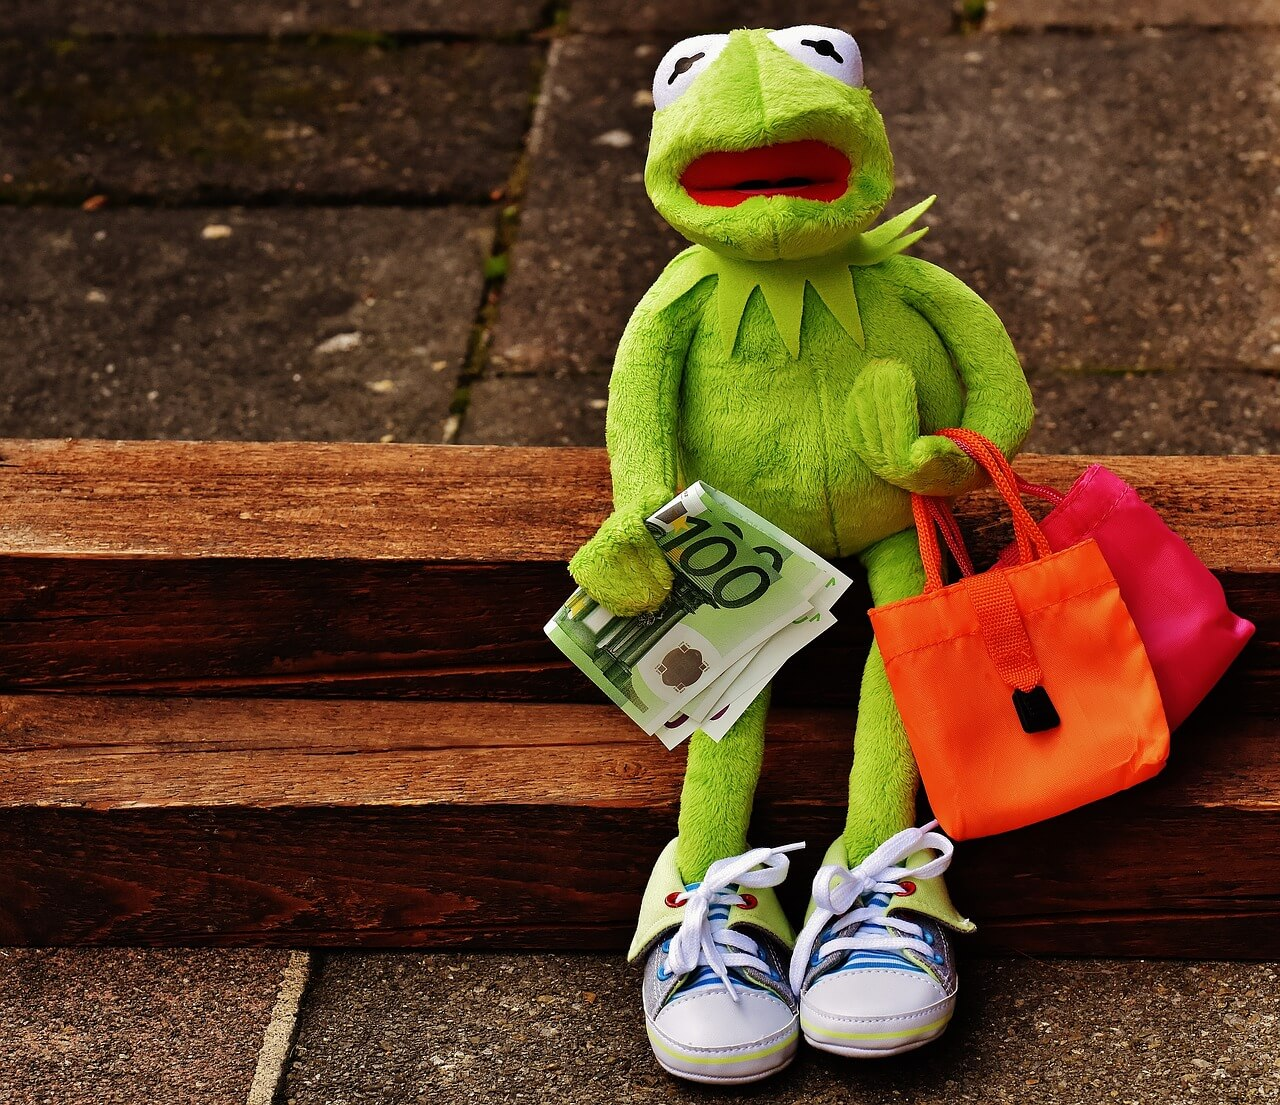 値段が高くて泣いているカエルの画像